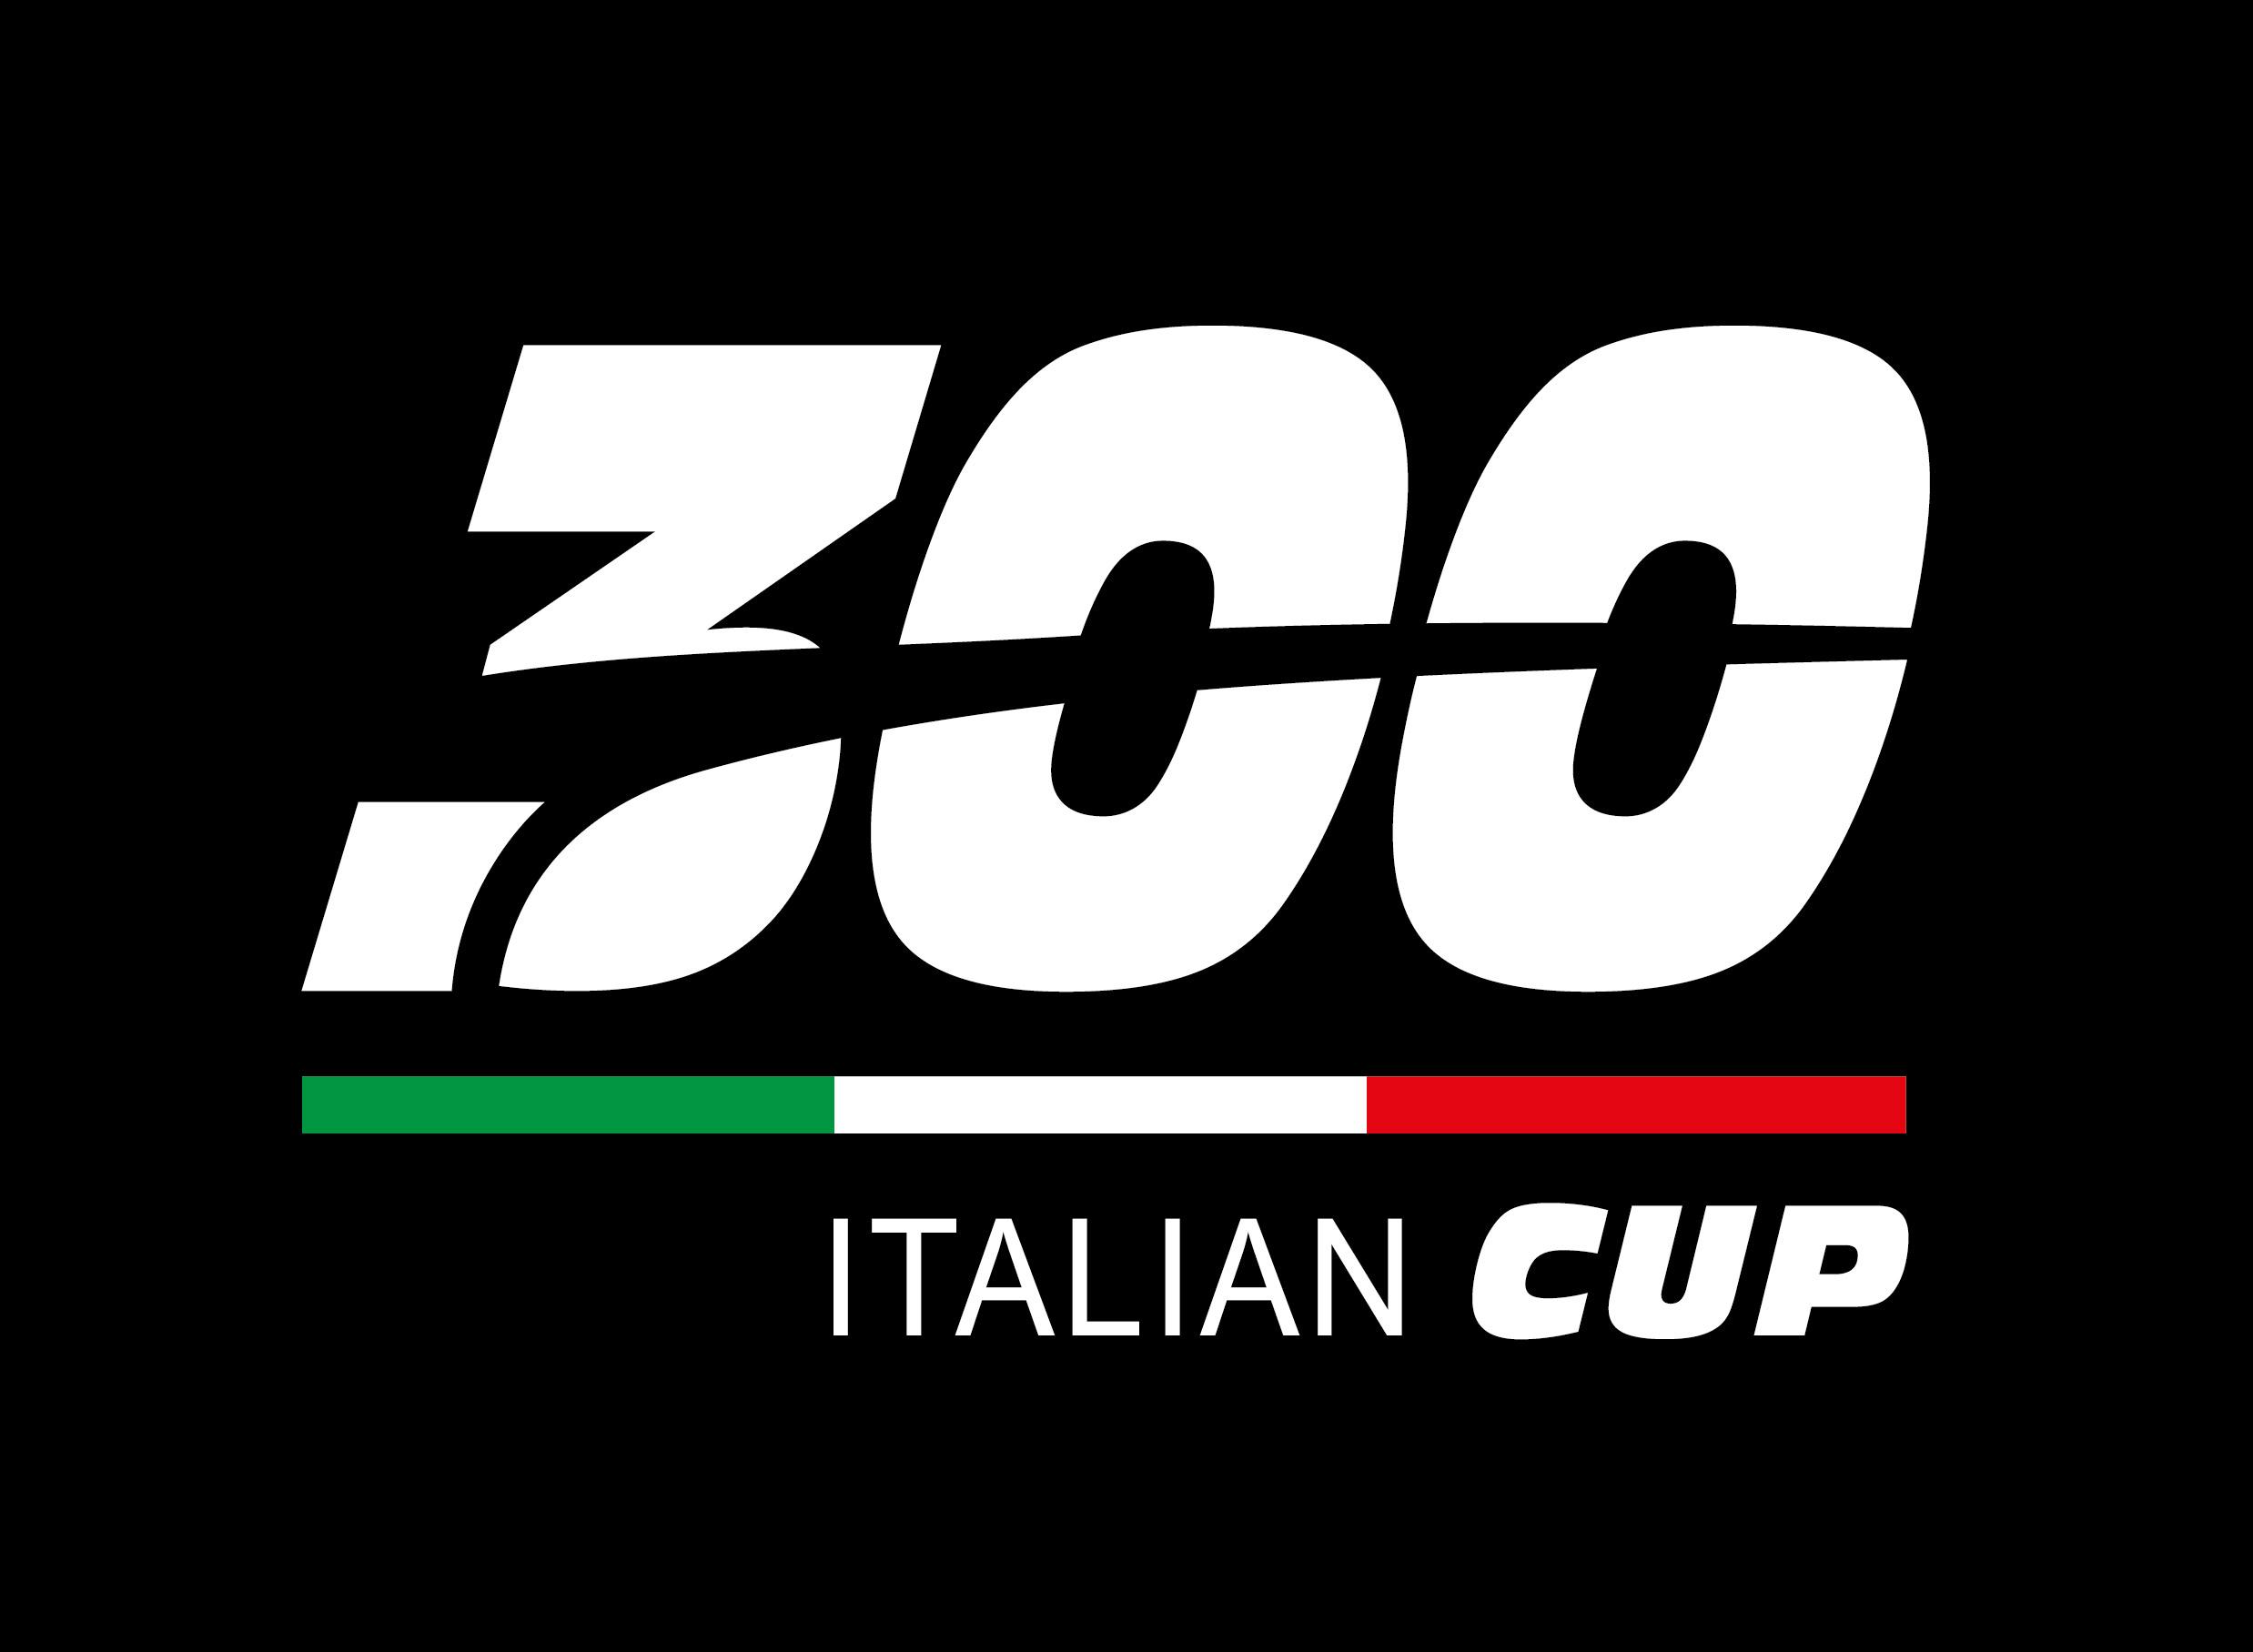 Risultati immagini per 300 italian cup